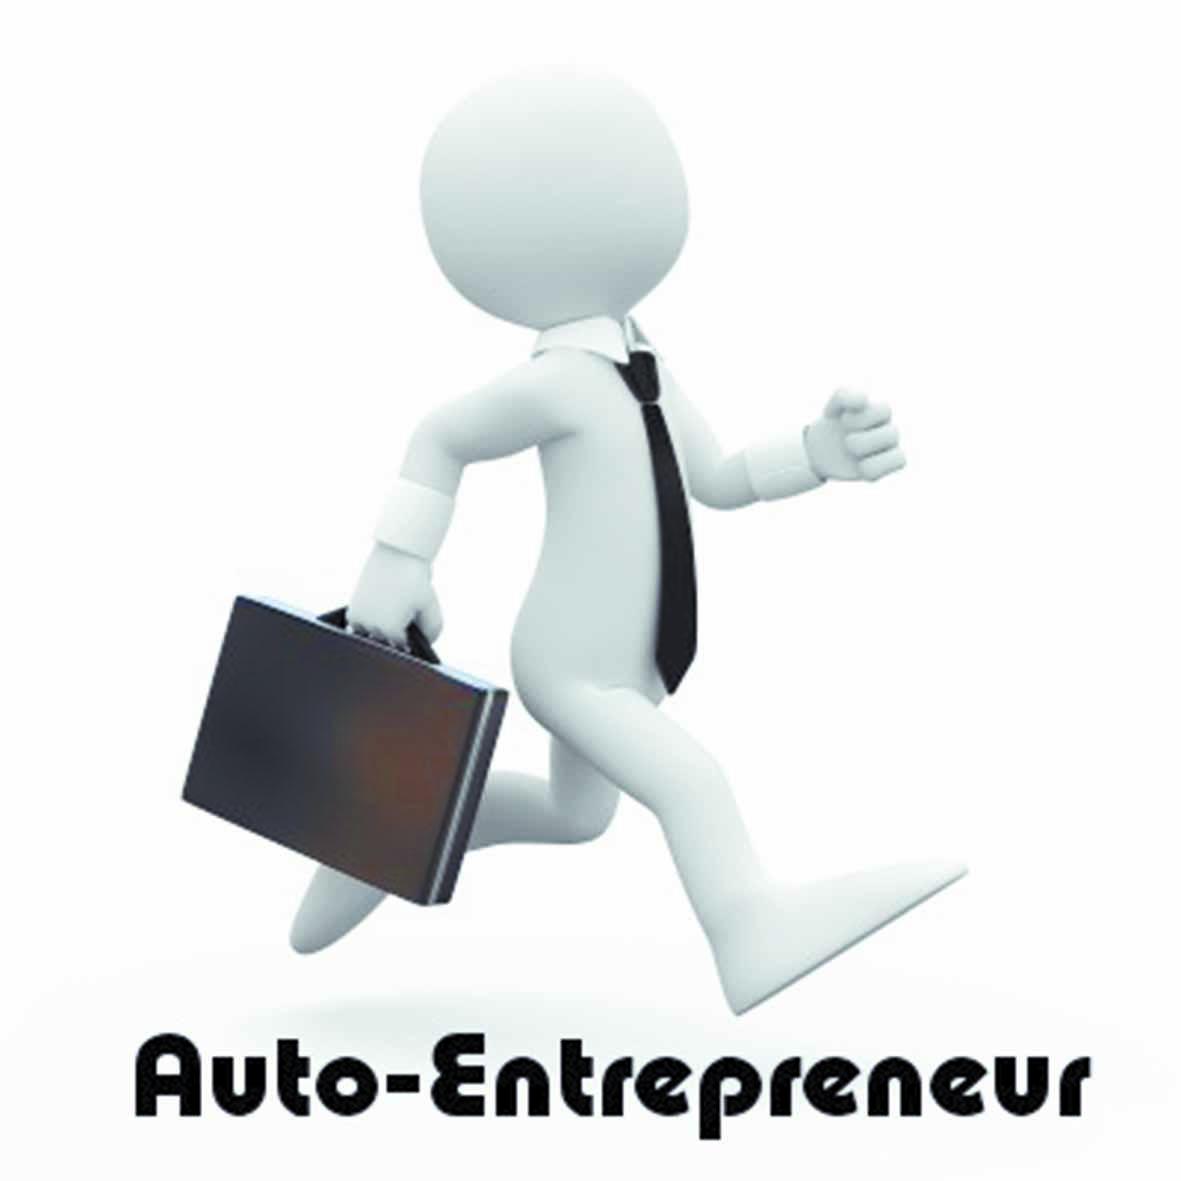 Campagne de promotion  du statut de l'auto-entrepreneur